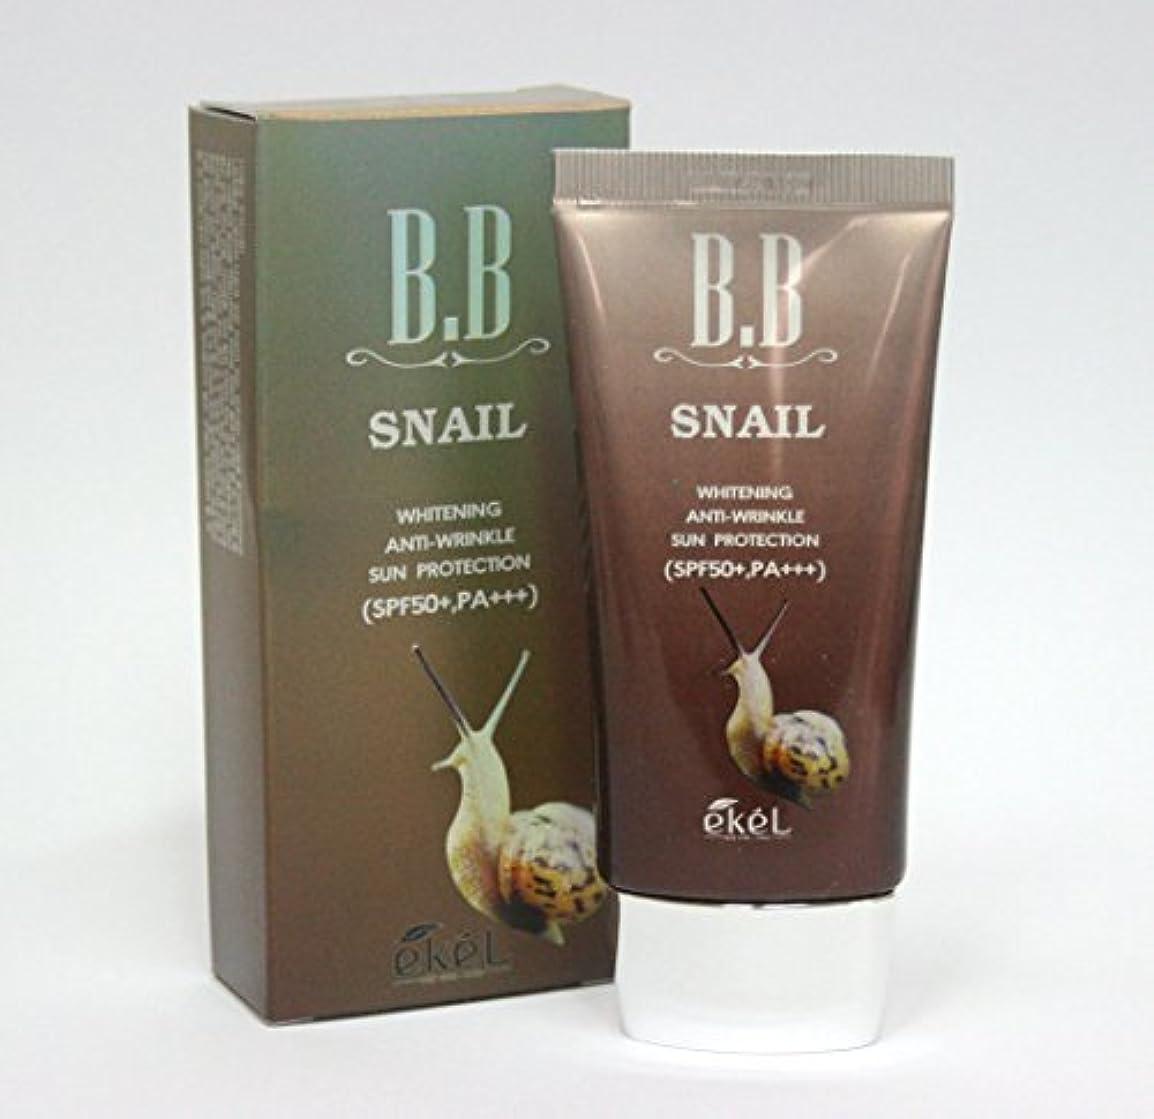 時系列製造広々とした[Ekel] カタツムリBBクリーム50ml / ホワイトニング , SPF50 + PA +++ / 韓国化粧品 / Snail BB Cream 50ml / Whitening, SPF50+ PA+++ / Korea Cosmetics [並行輸入品]